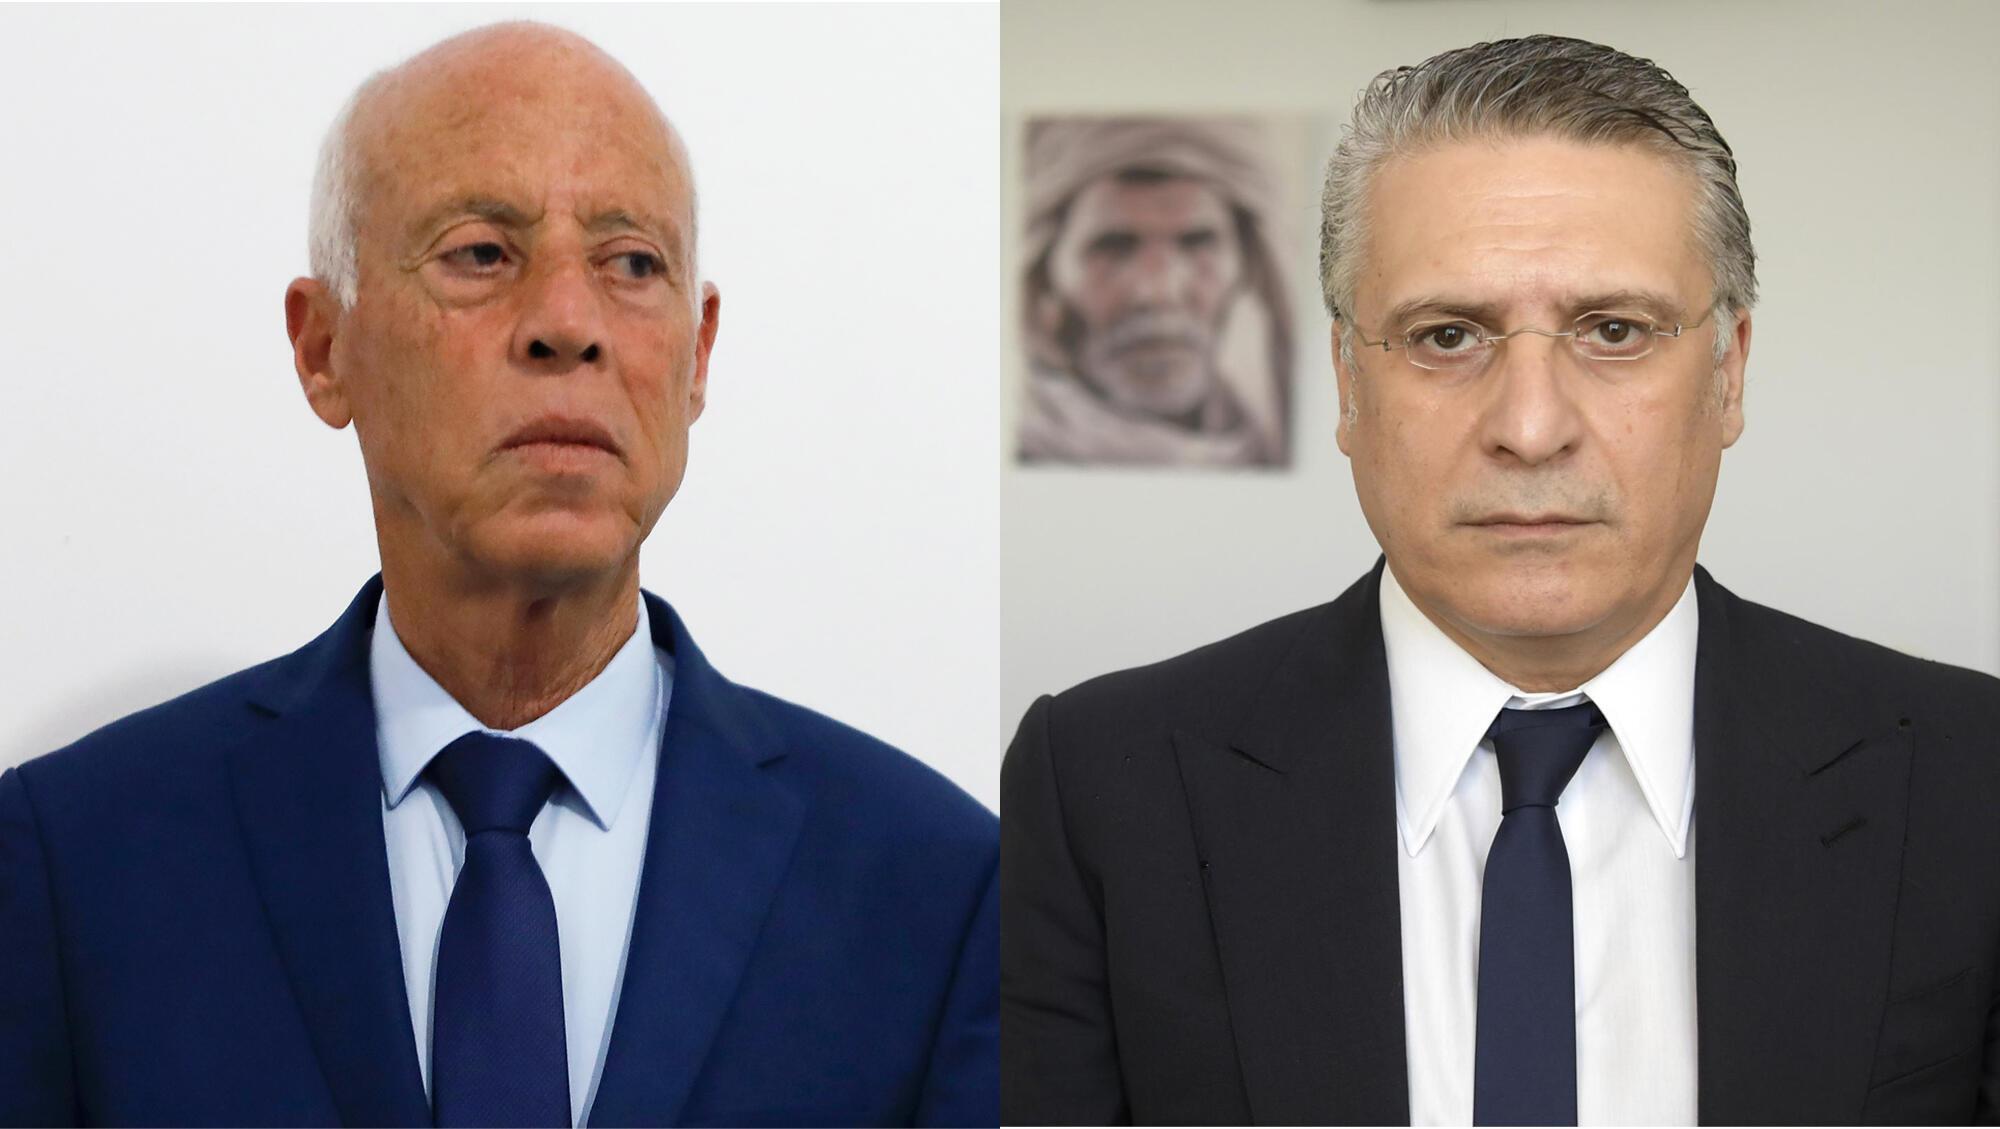 Na esquerda, Kaïs Saïed e, à direita, Nabil Karoui, os dois candidatos à segunda volta das presidenciais de Domingo na Tunísia.